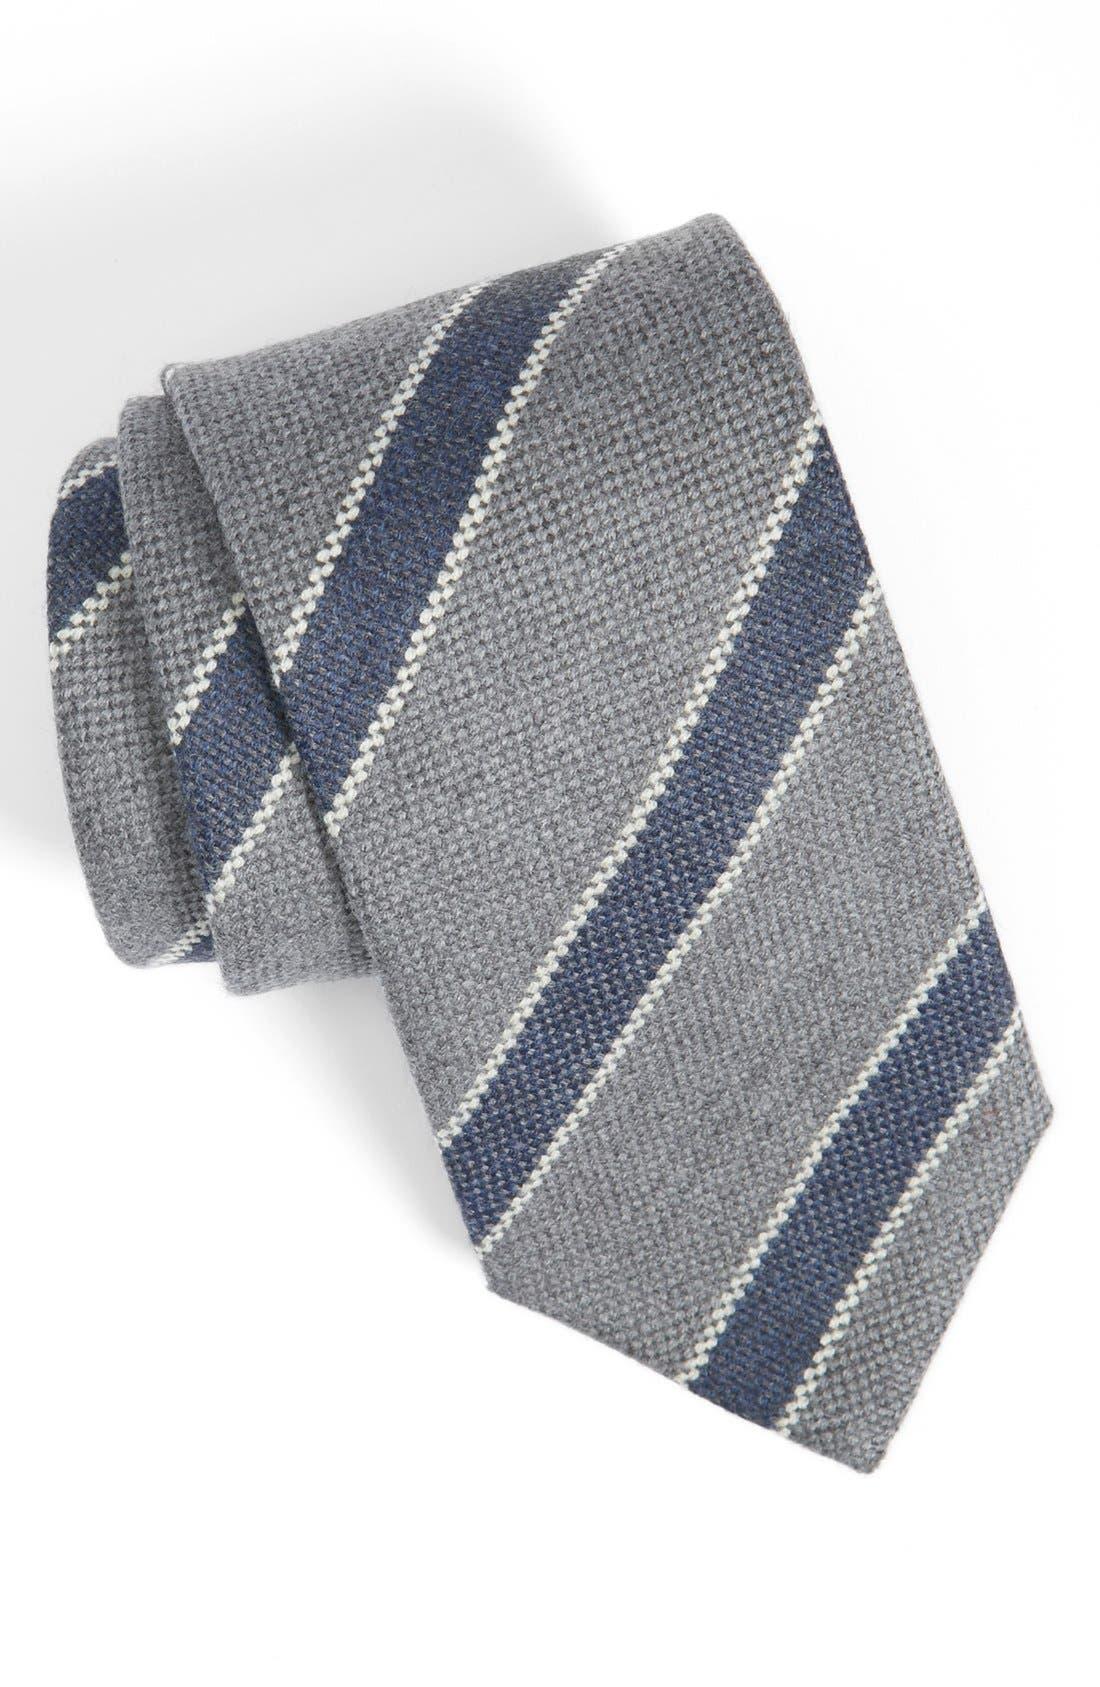 Alternate Image 1 Selected - Peter Millar Woven Wool Tie